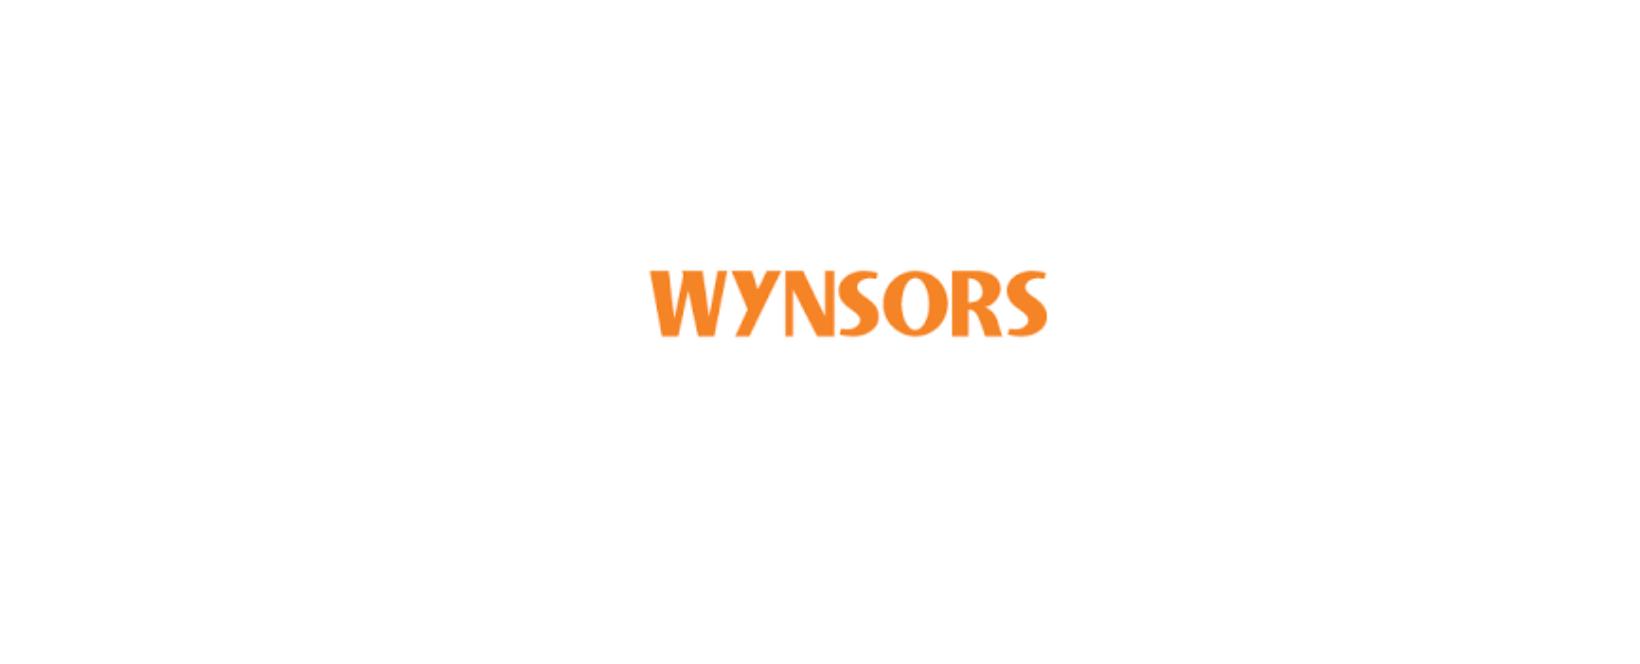 wynsors UK Discount Code 2021